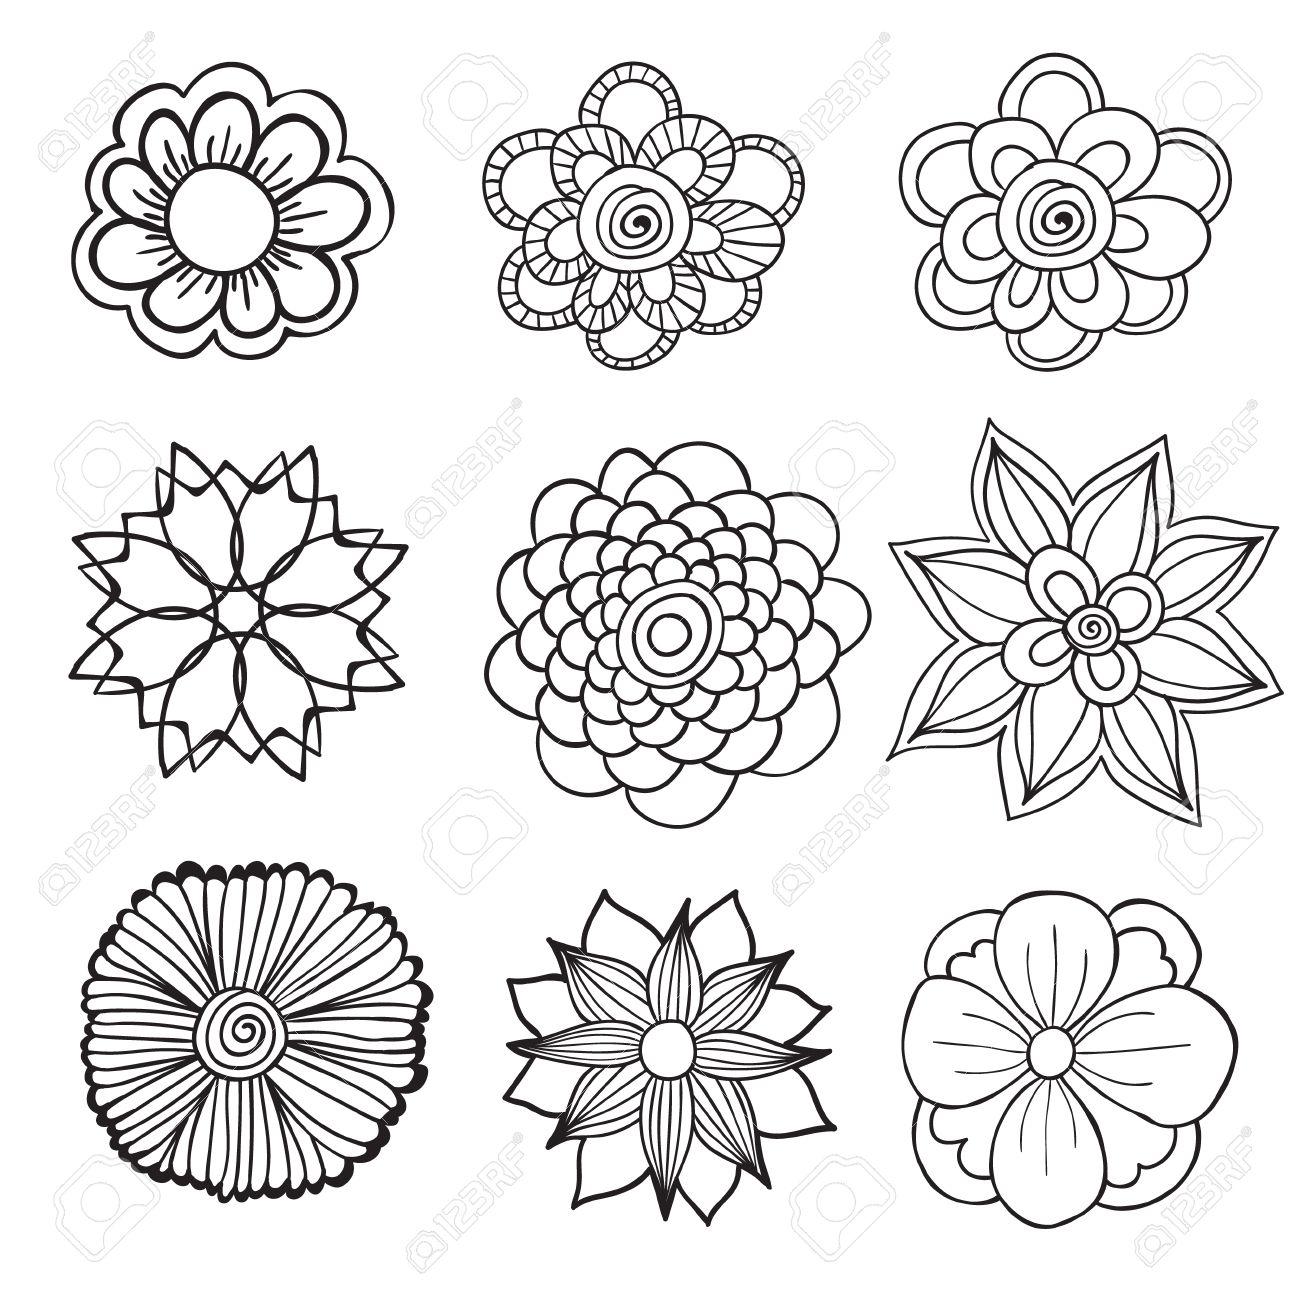 Dibujado A Mano Marco Artistico Etnica Ornamentales Con Dibujos De